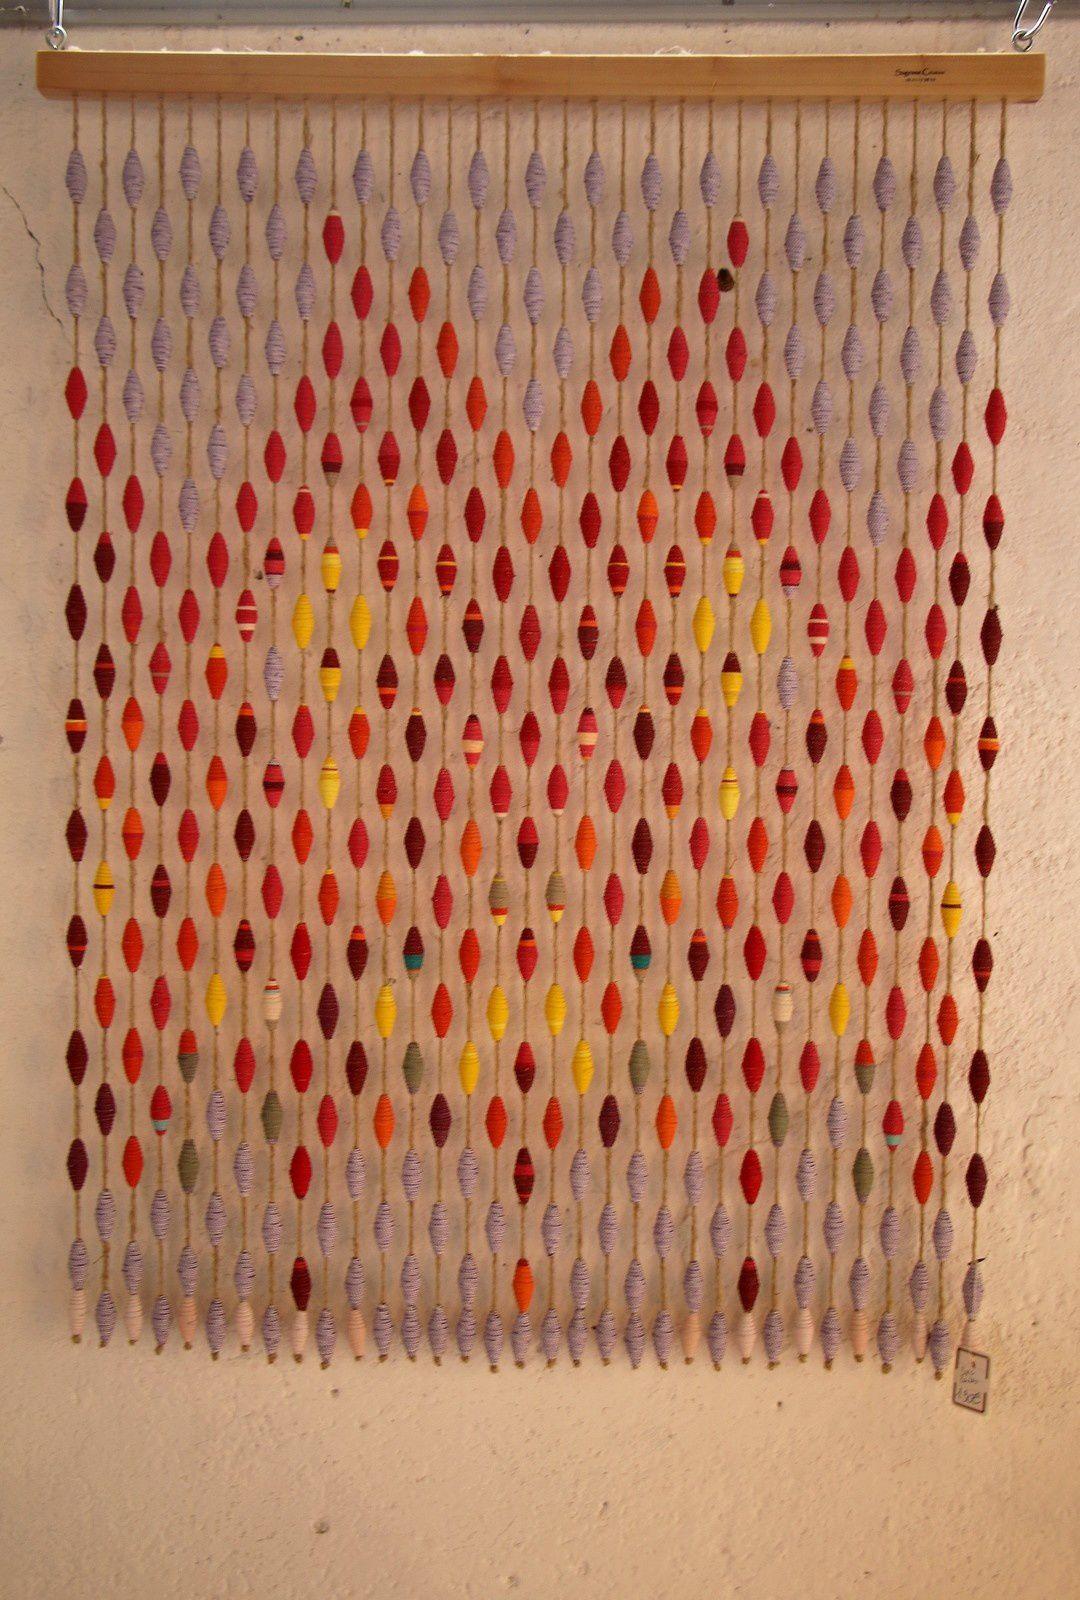 LE MOULIN DES ARTS ET DE L'ARTISANAT (Arles sur Tech)